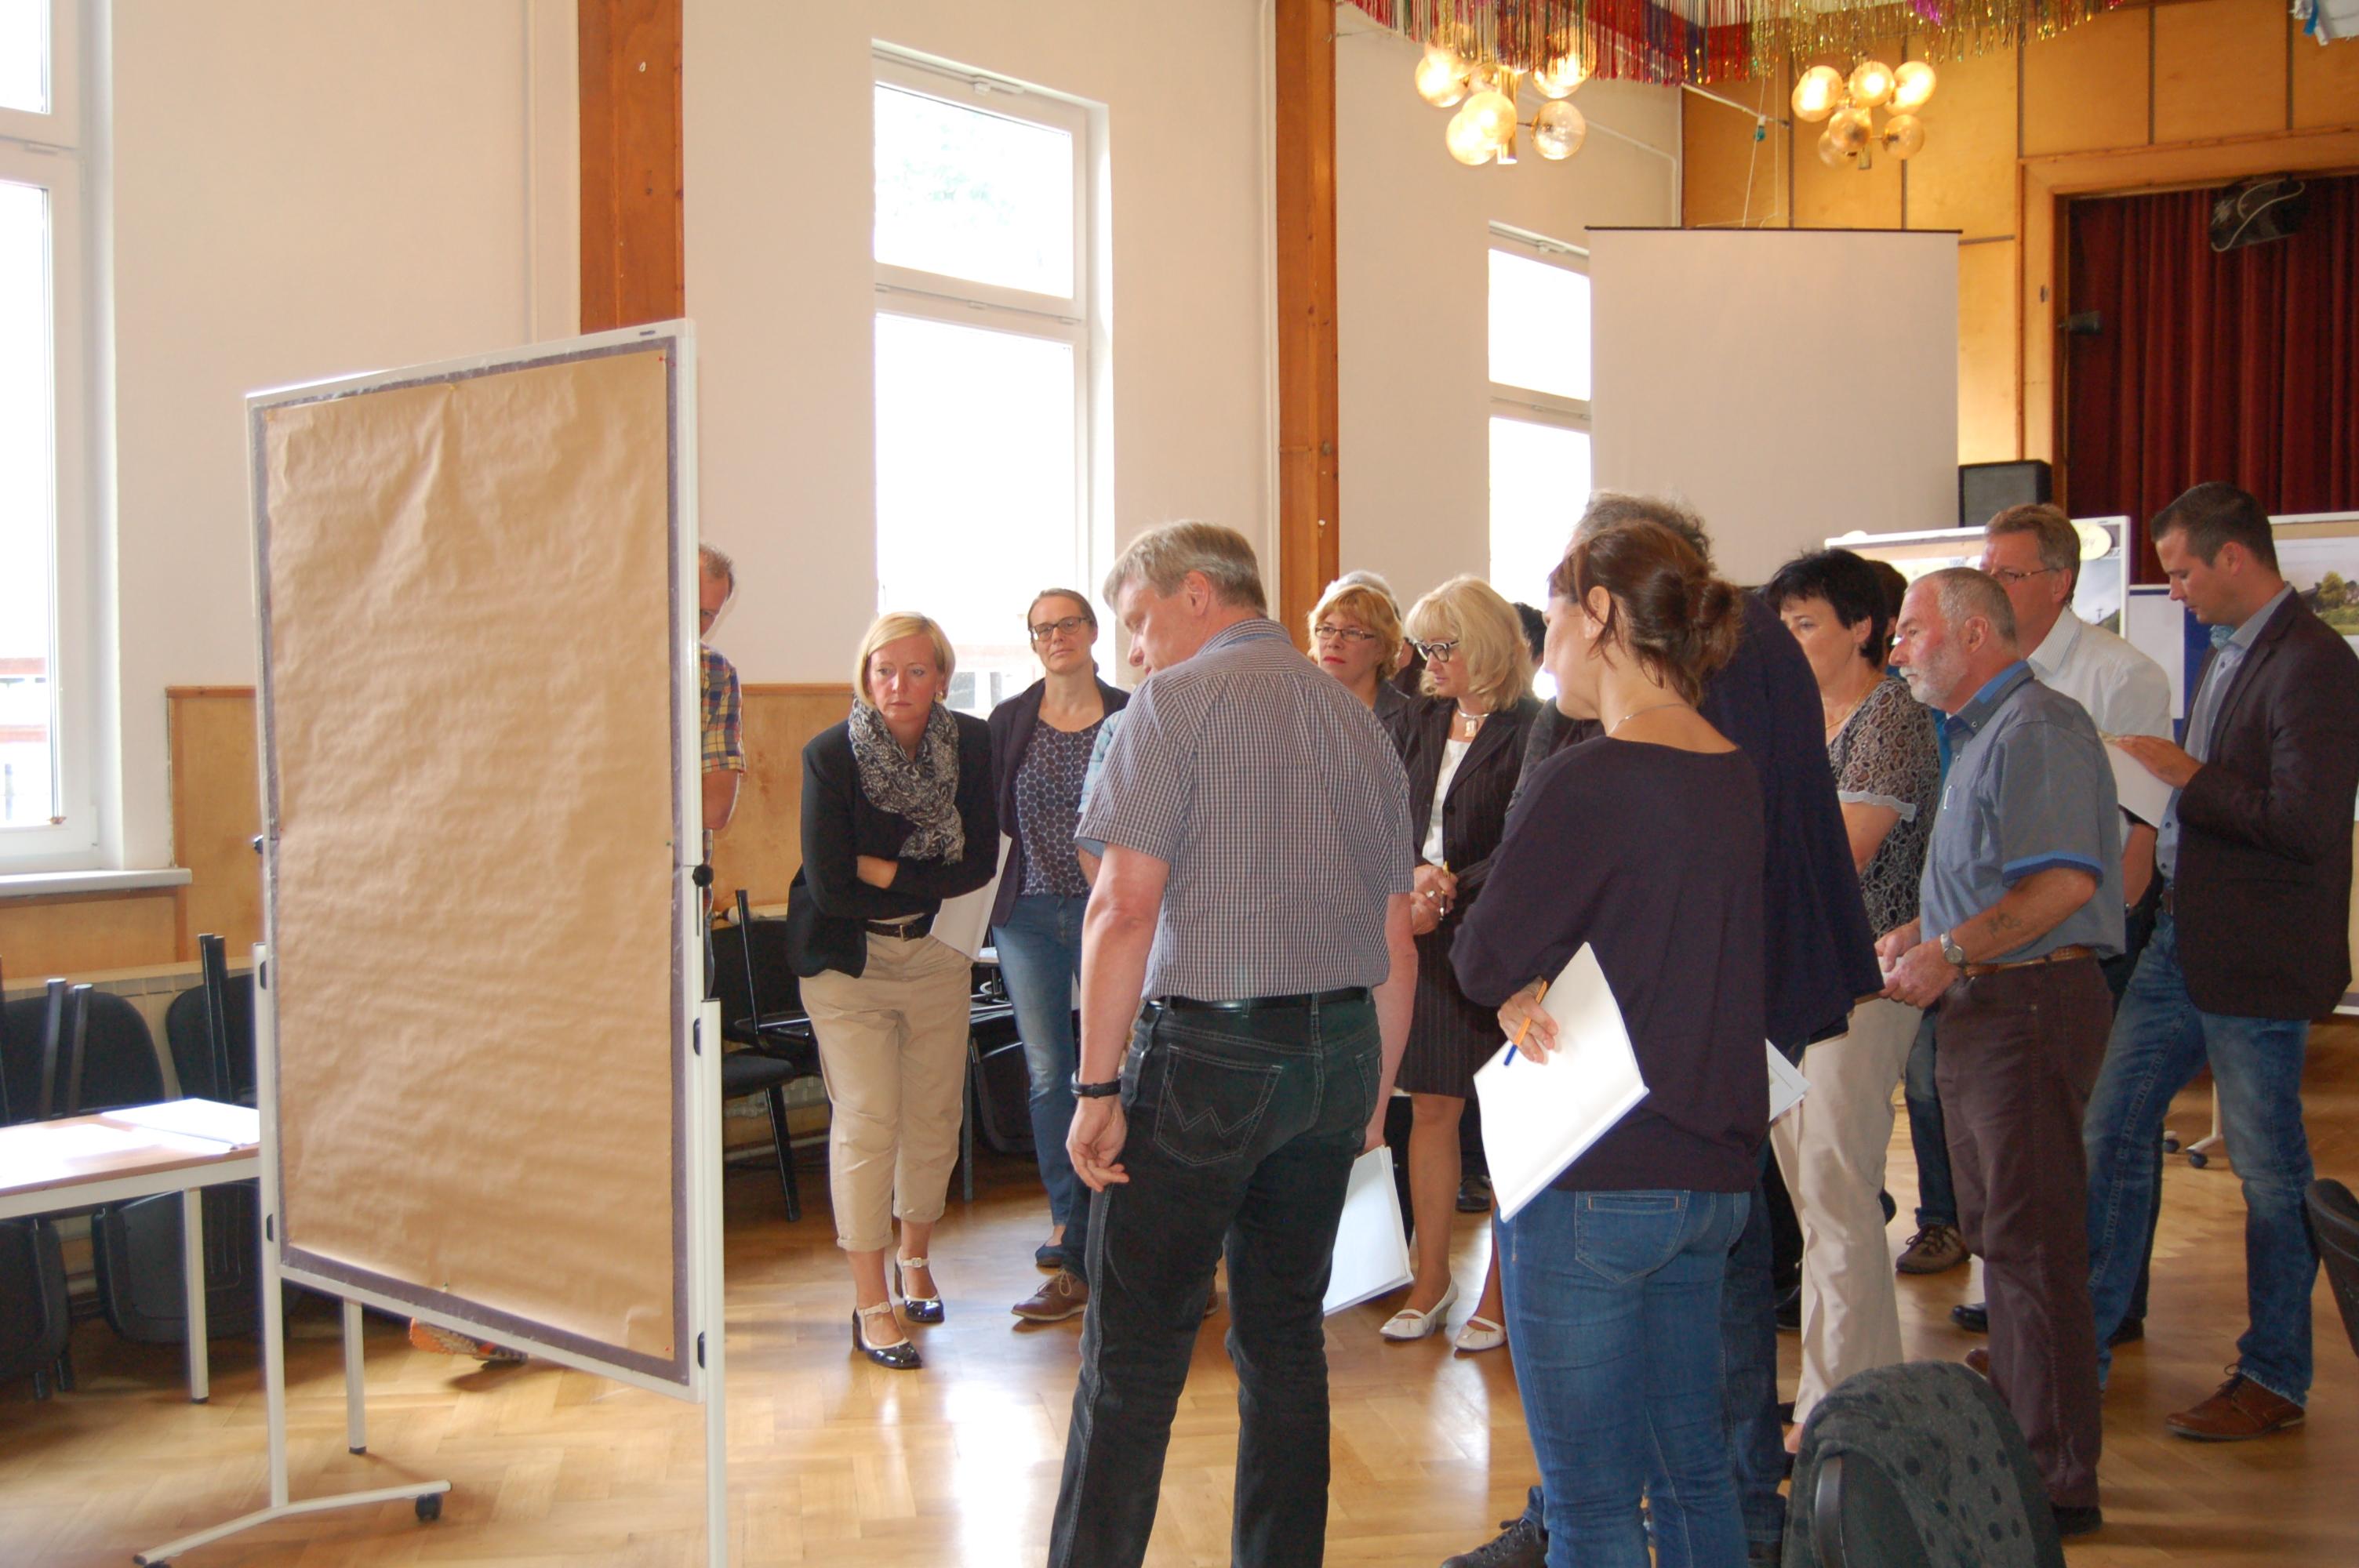 Preisgerichtssitzung in Stützerbach